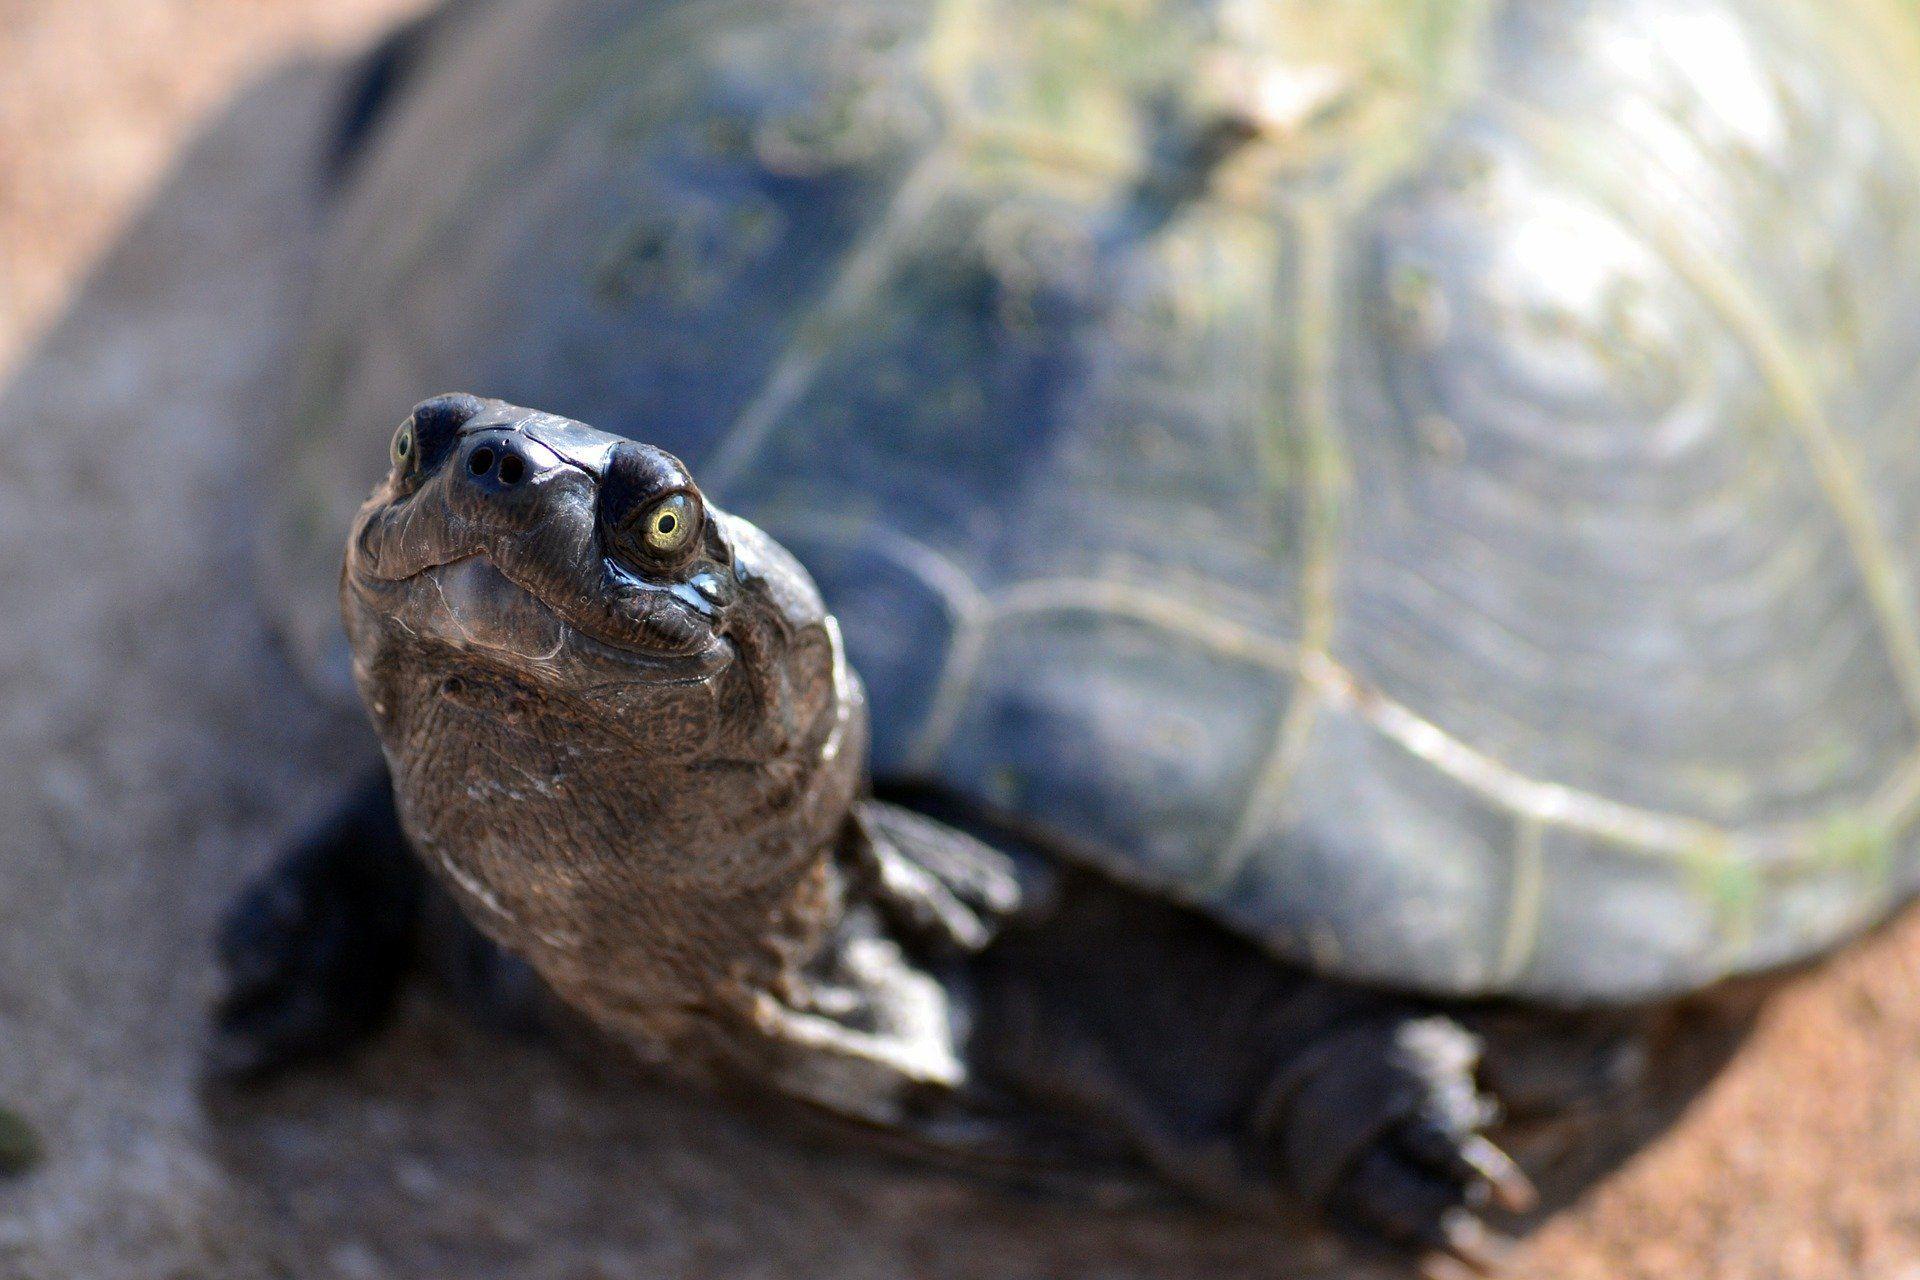 Скачать бесплатно картинку черепахи в хорошем качестве